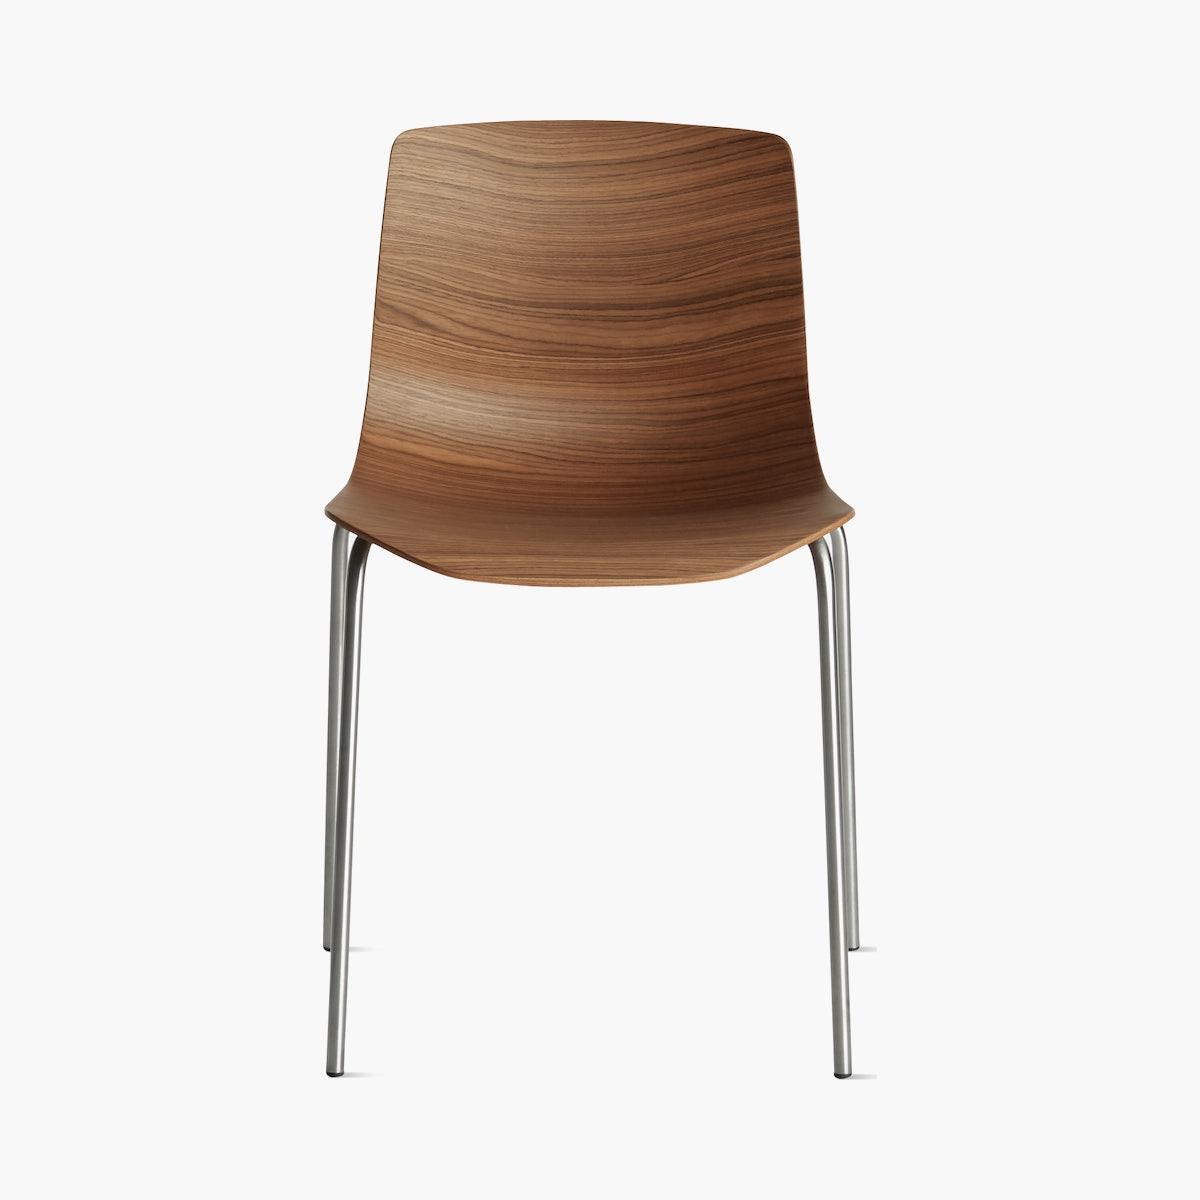 Loku Side Chair